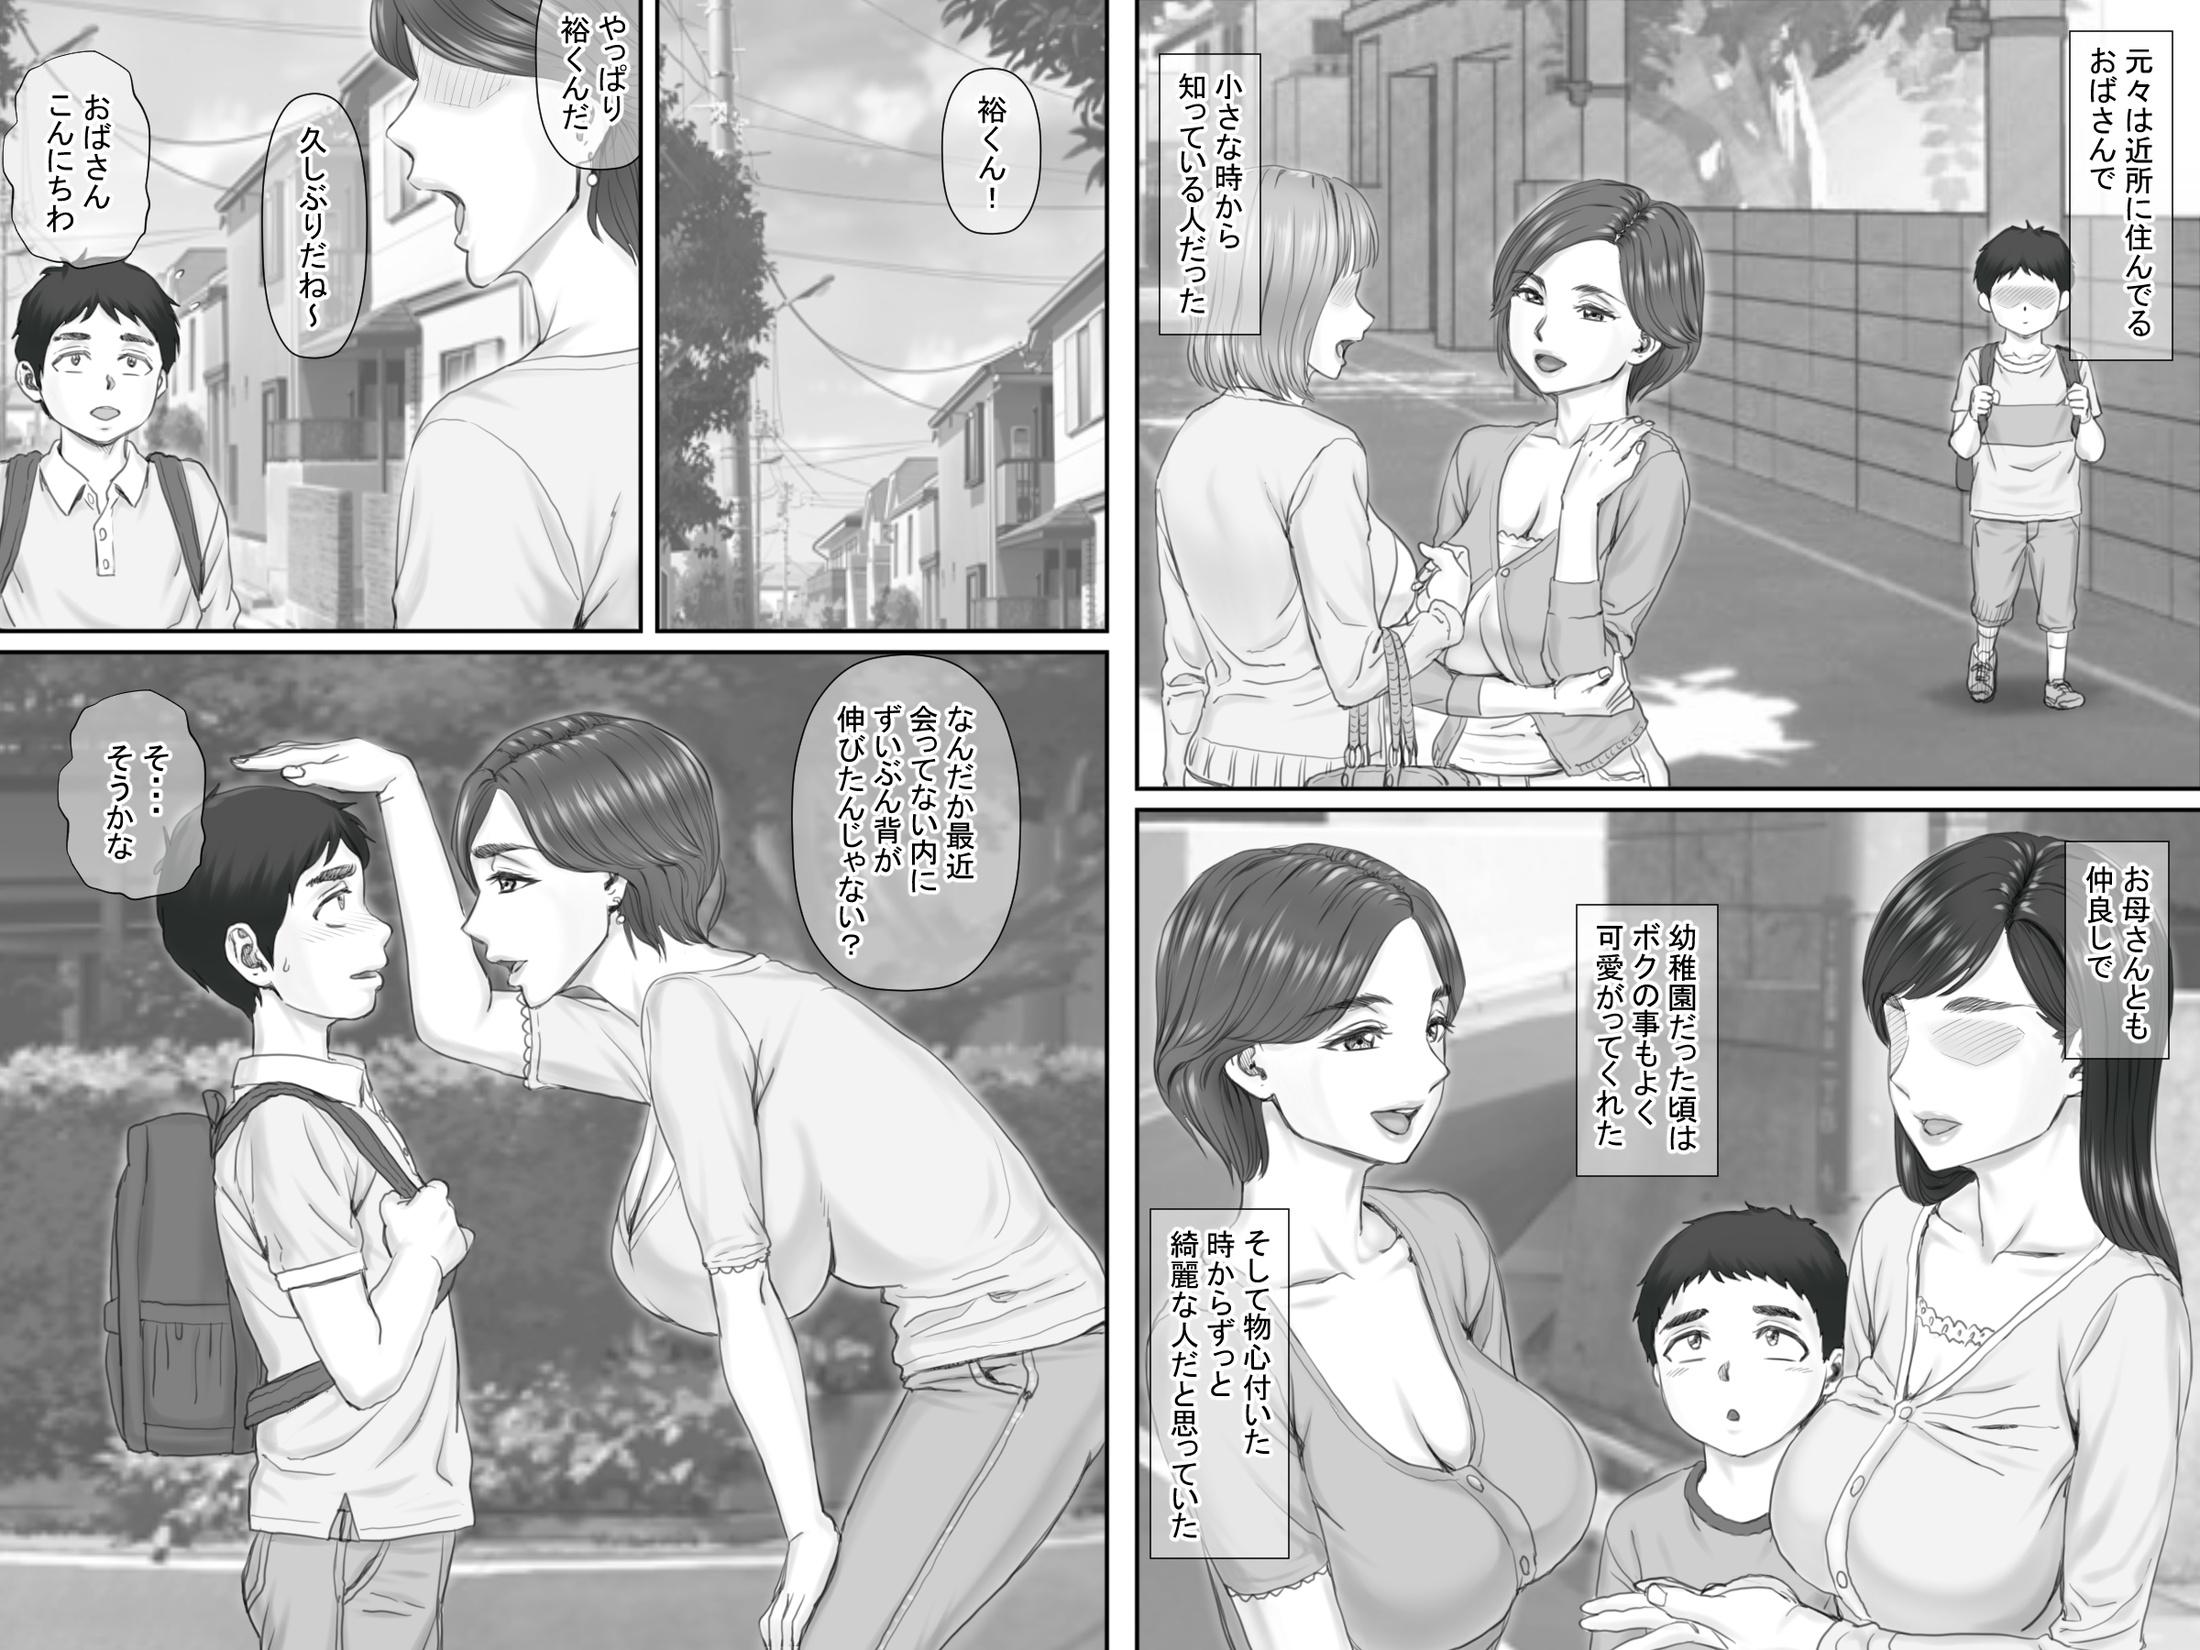 【エロ漫画・エロ同人誌】巨乳人妻と付き合ってエッチしてるショタっ子www ボクの彼女は40歳の人妻でママの友達 (4)